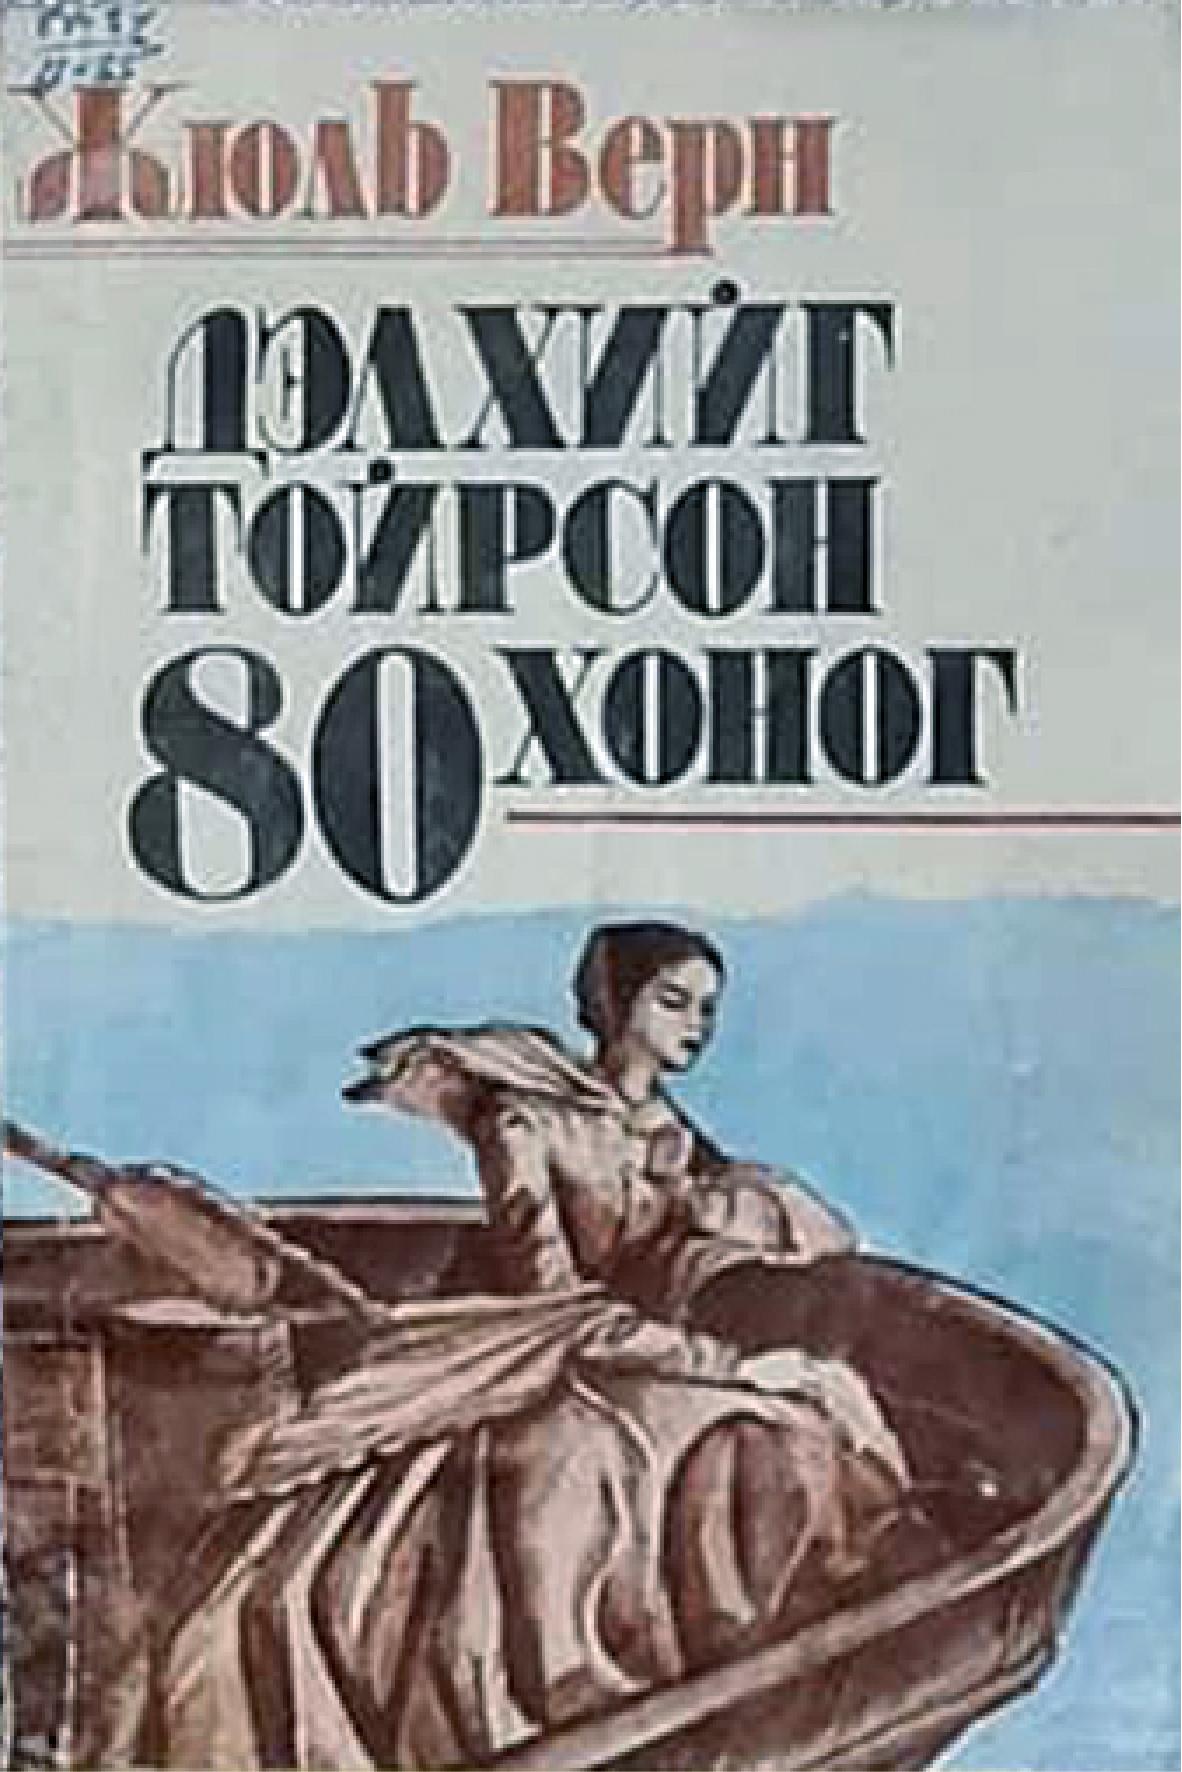 ДЭЛХИЙГ ТОЙРСОН 80 ХОНОГ